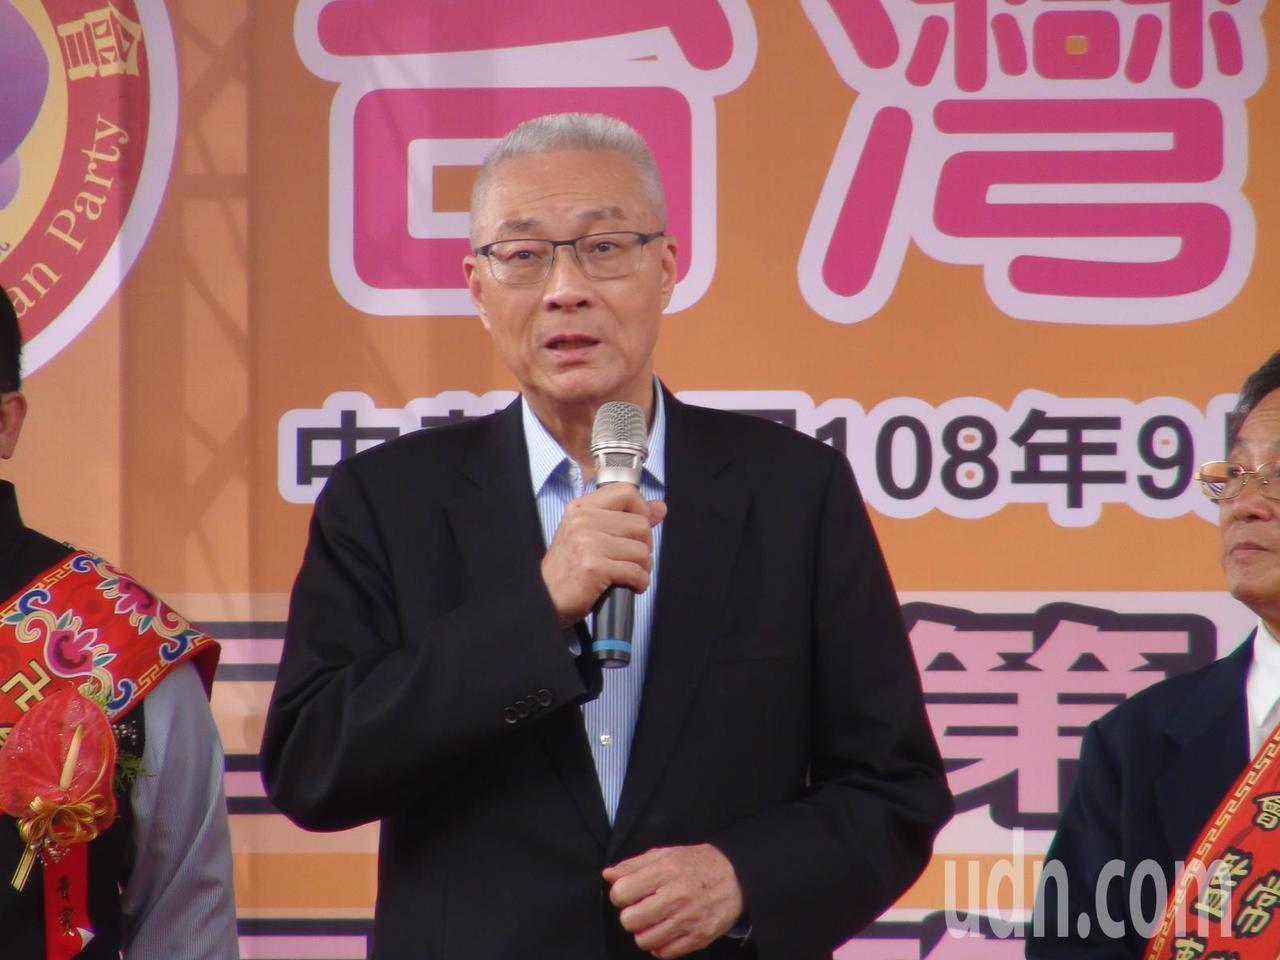 國民黨主席吳敦義今天下午出席台灣寺廟金蘭會,與韓國瑜一前一後現身。記者余采瀅/攝...